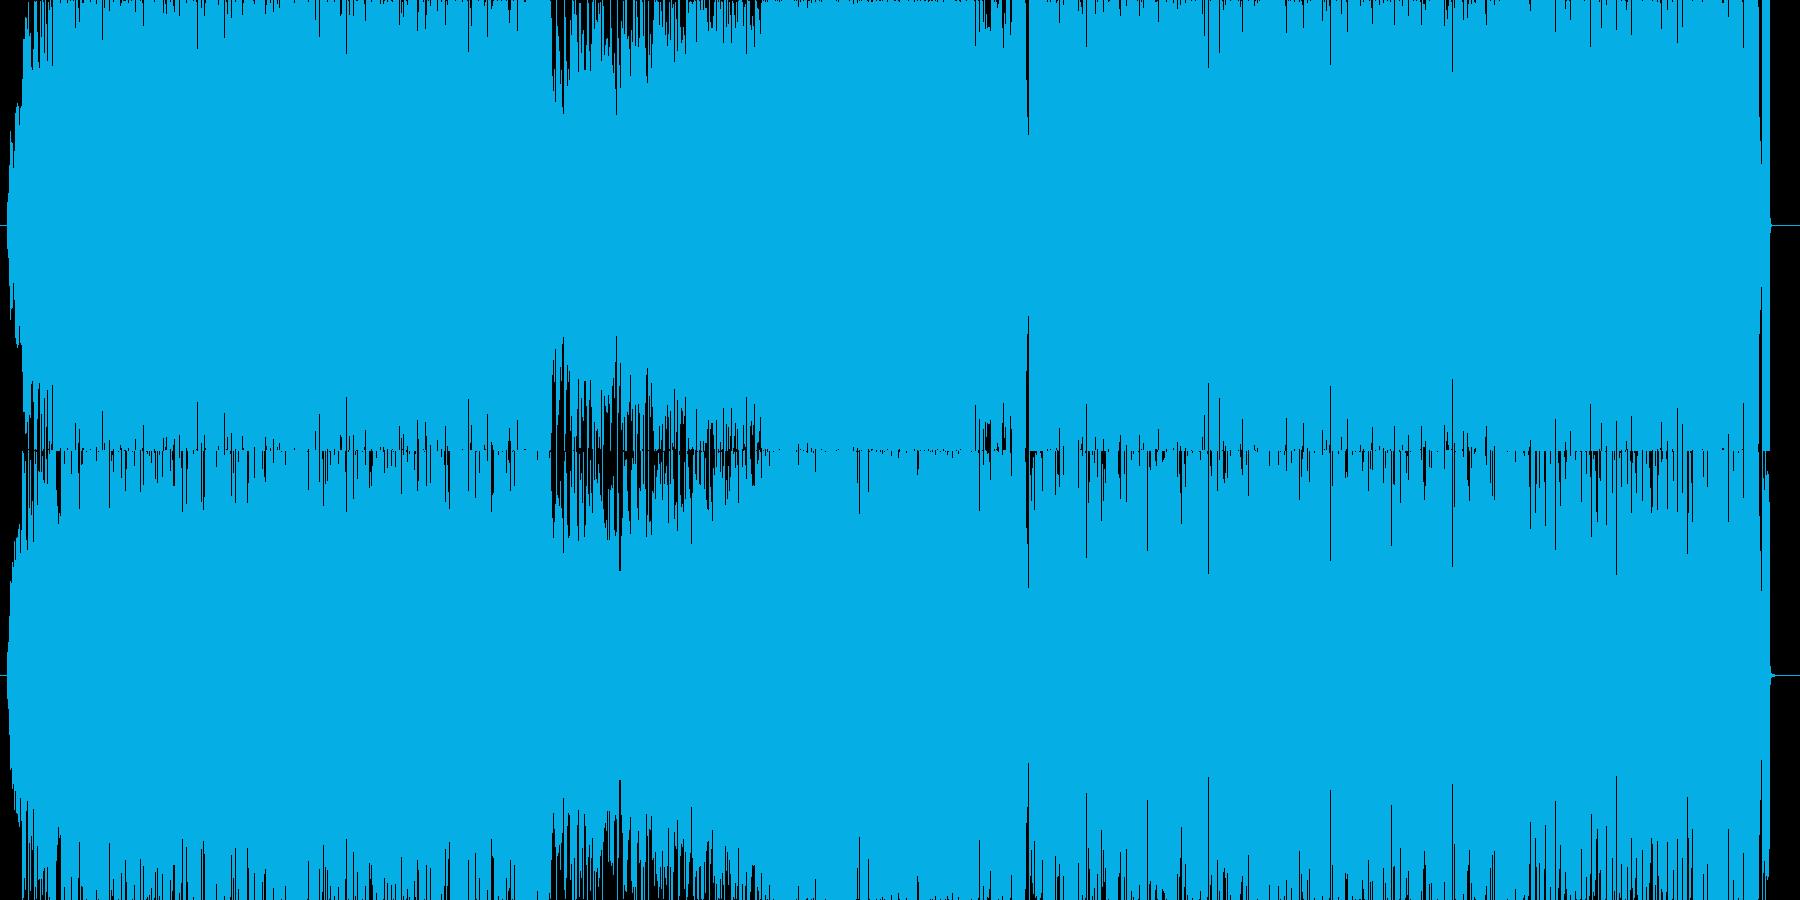 リオのカーニバル的なシンセチューンの再生済みの波形